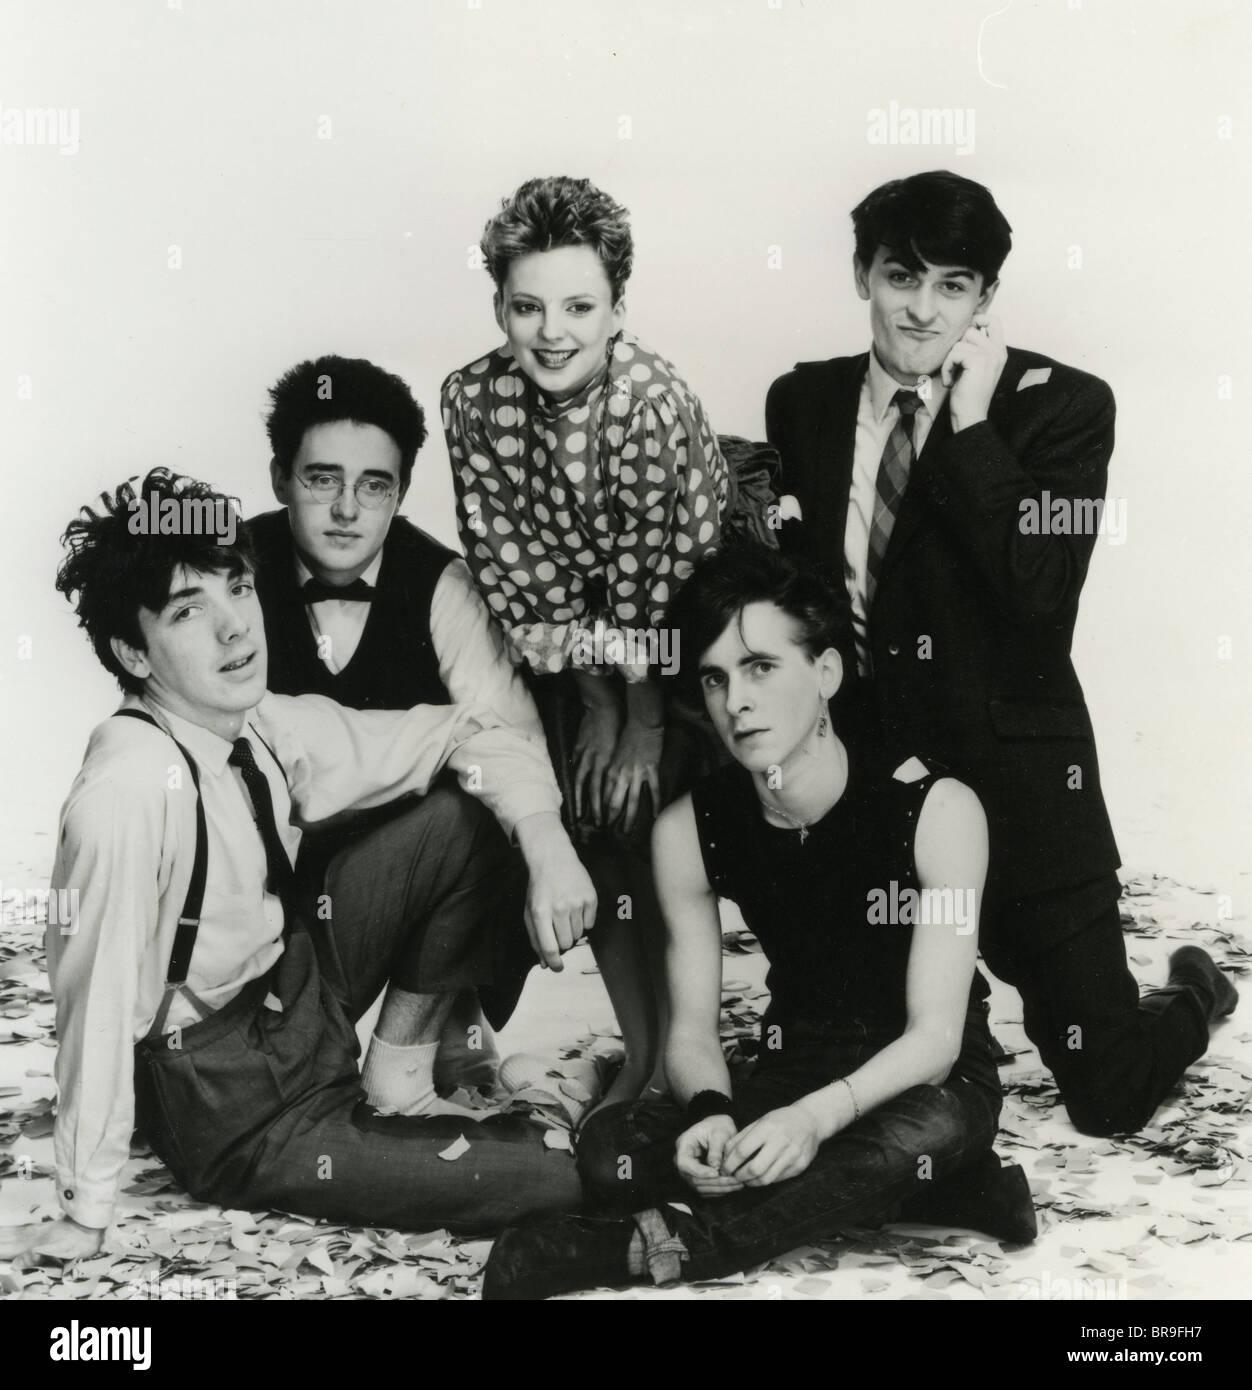 Le immagini modificate foto promozionale degli anni ottanta Scottish nuova ondata di gruppo con cantante Clare Grogan Immagini Stock